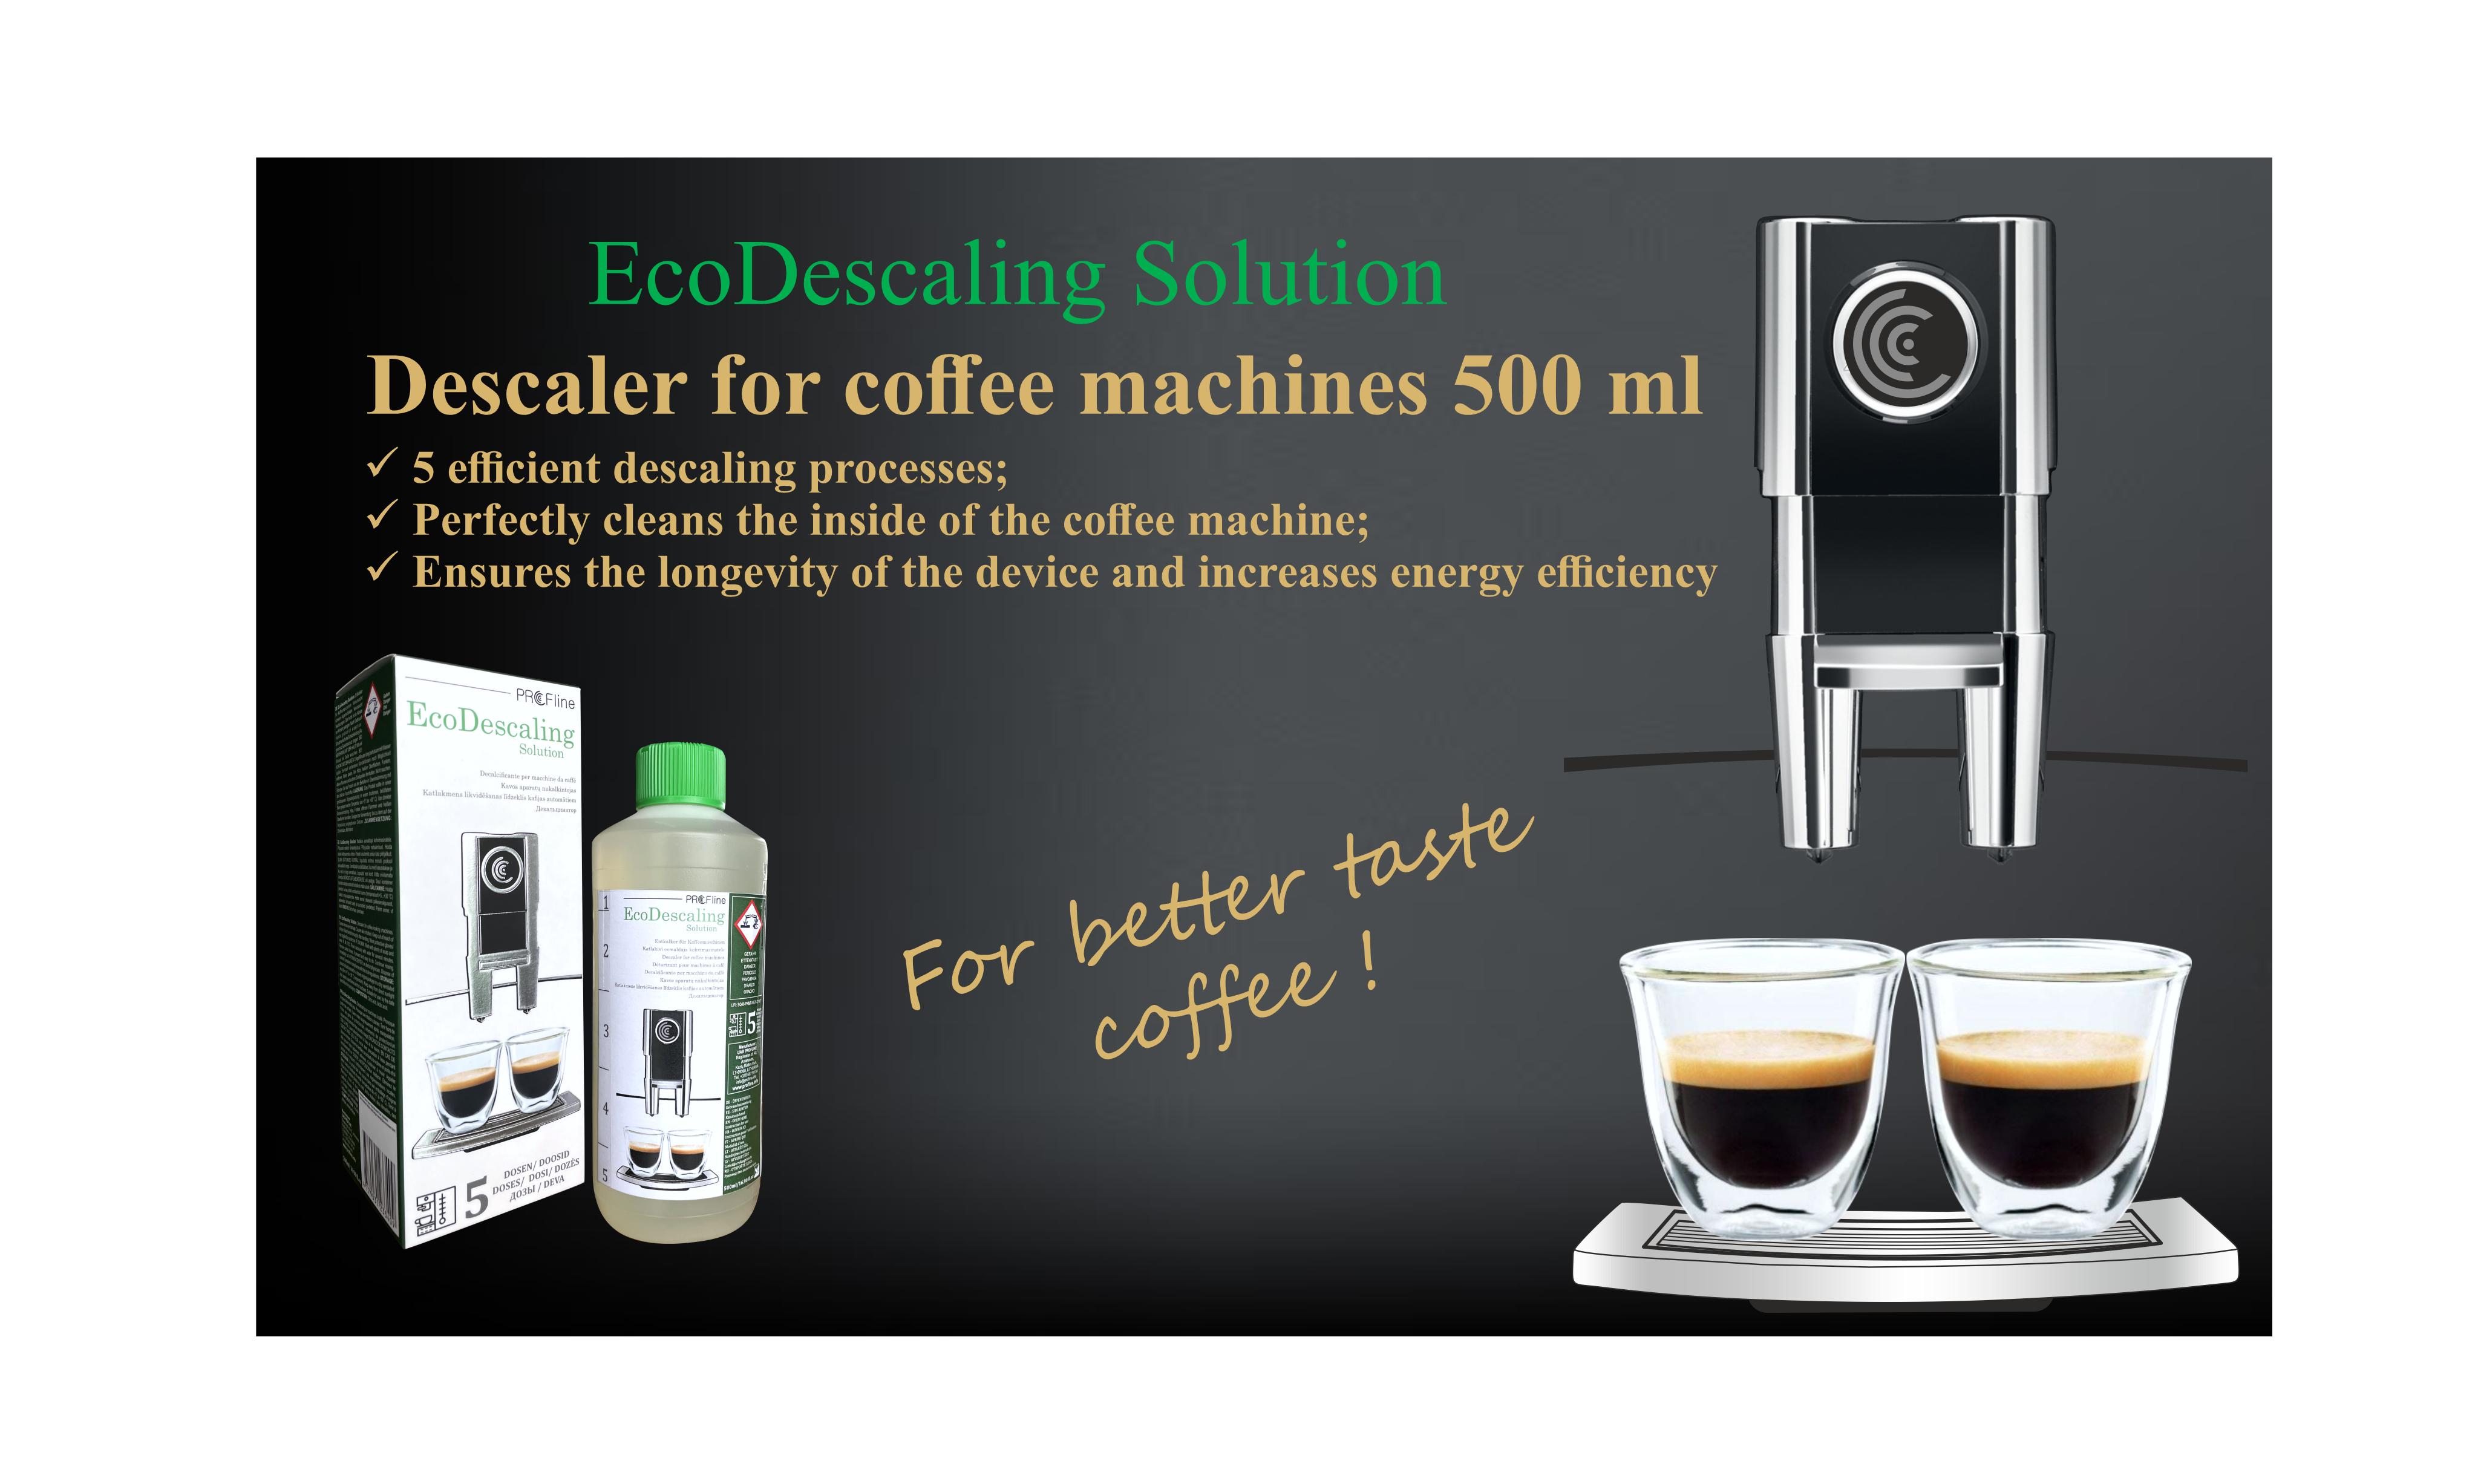 caffe_machine_descaling